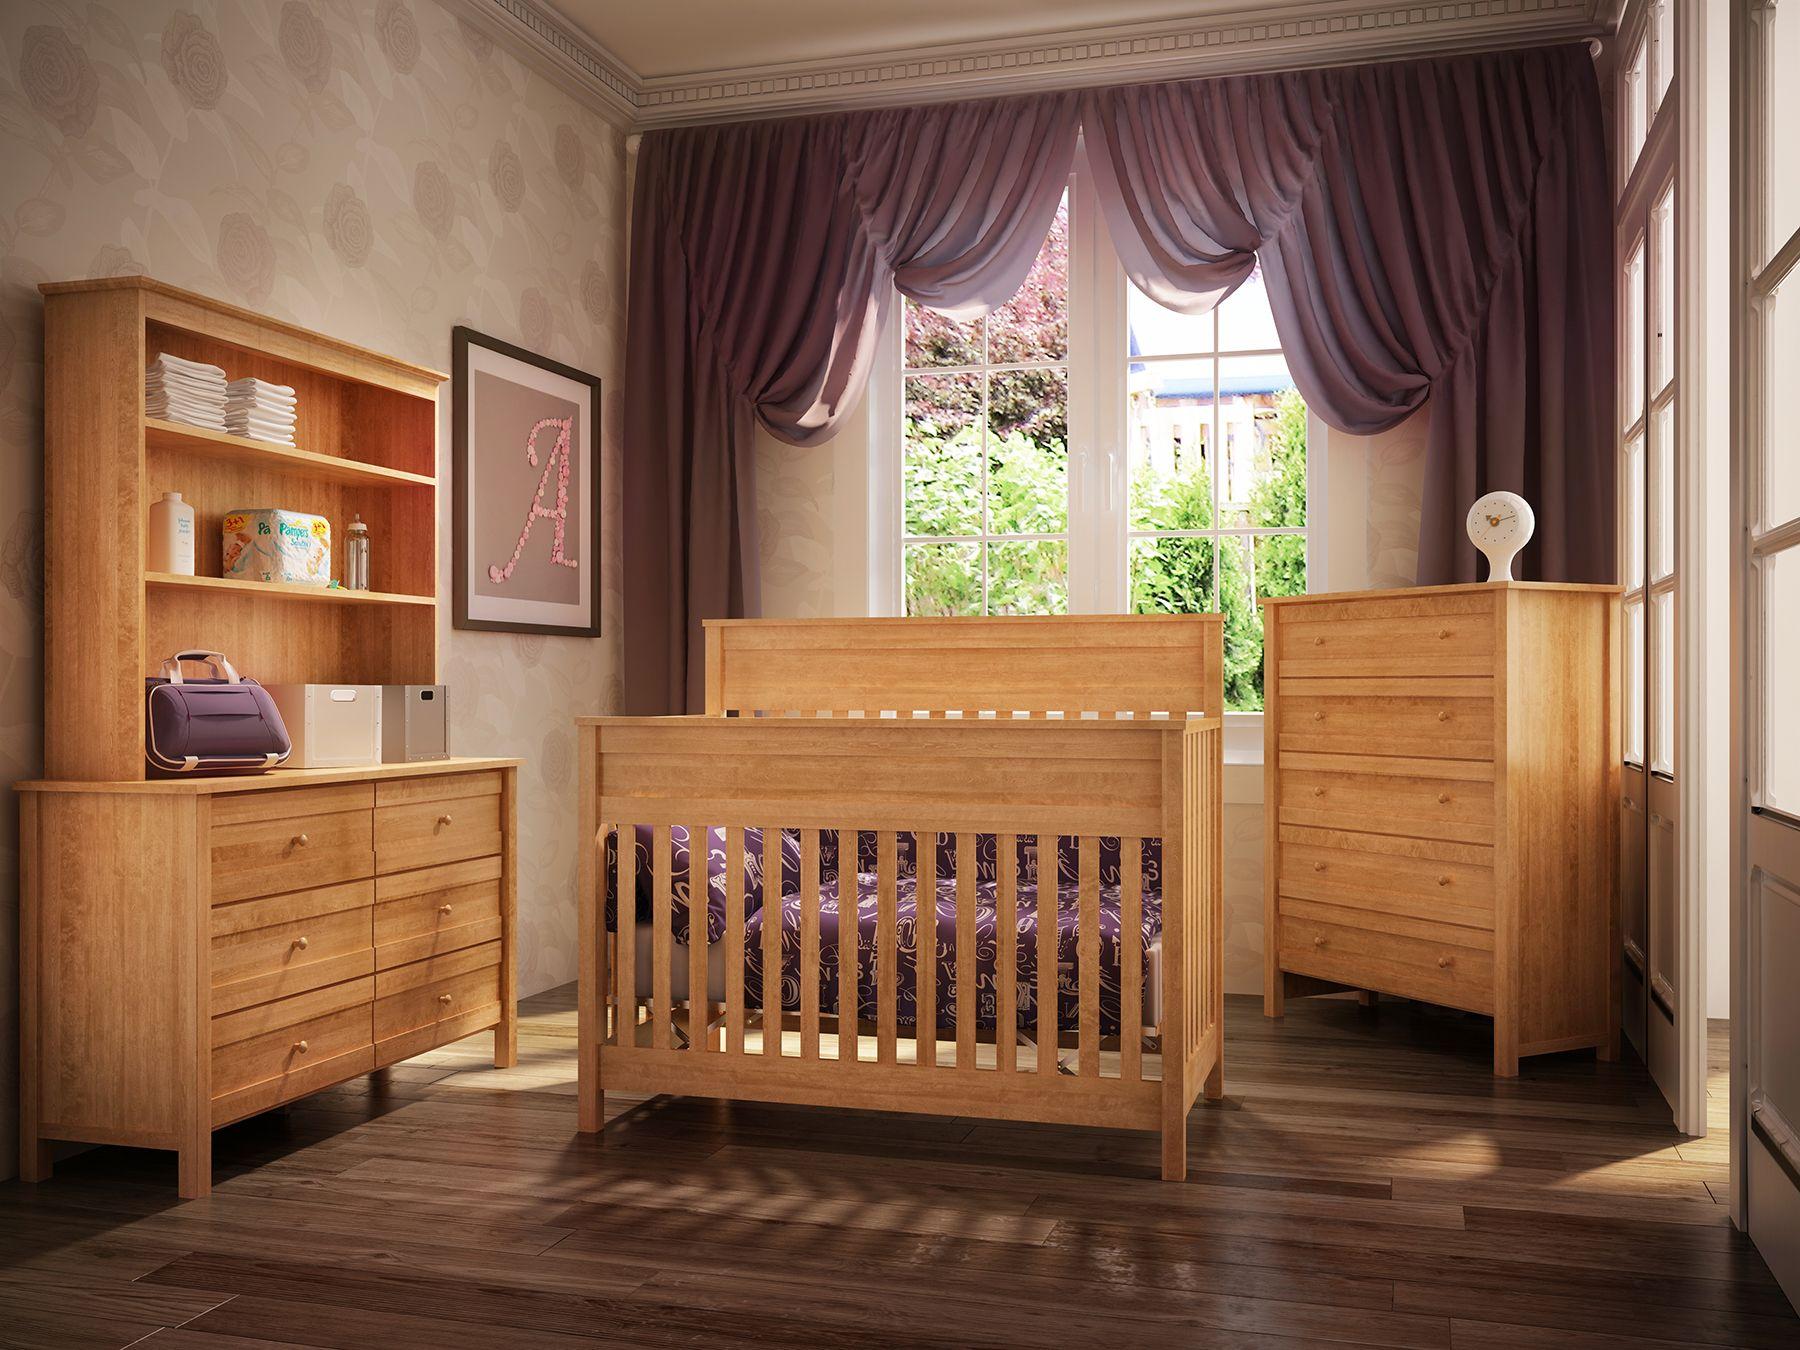 Chambre de bébé en bois franc clair.